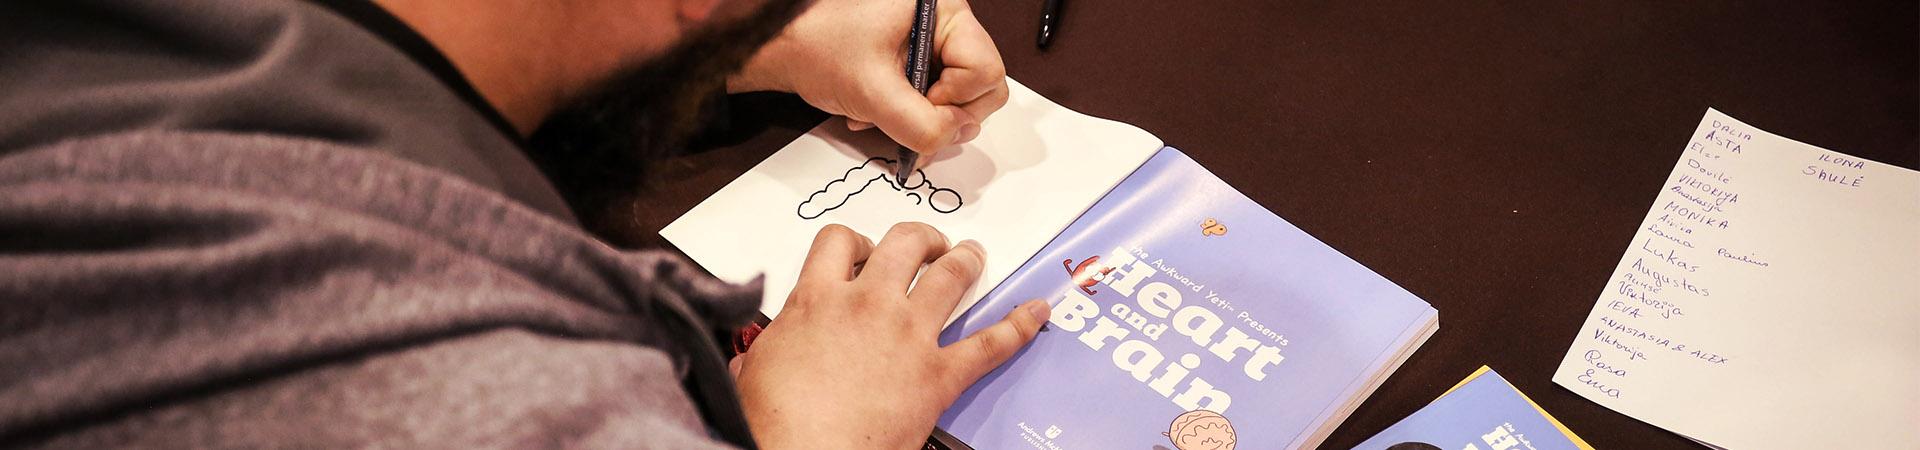 Autografai ir fotosesijos